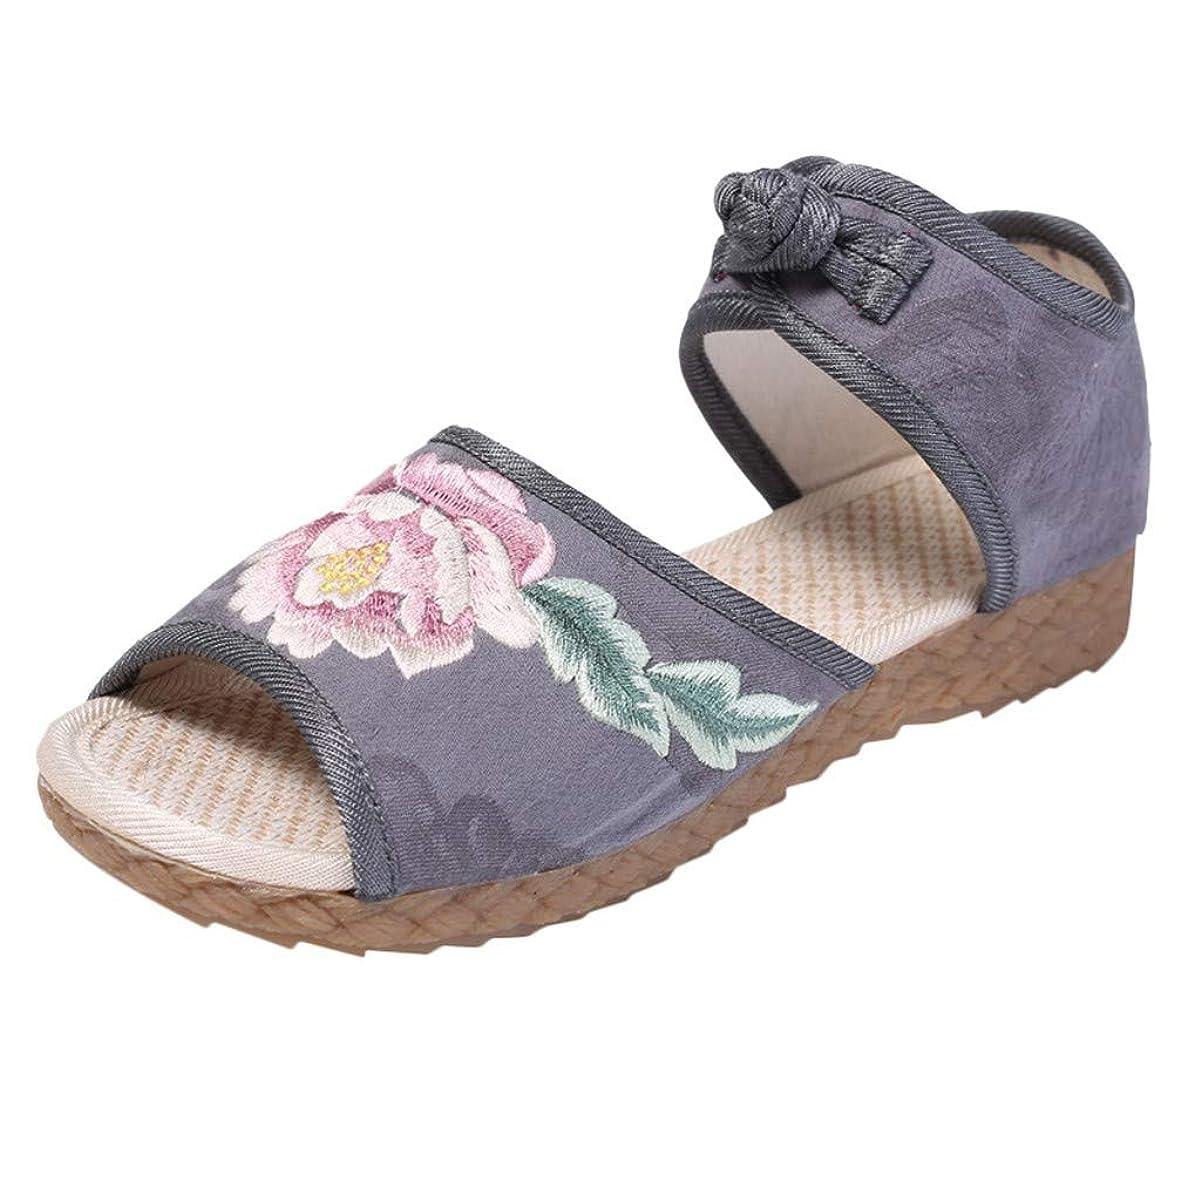 銛送る腫瘍Top Homie レディース かわいい 厚底 古風 花柄 インヒール サンダル おしゃれ 女性 女の子 履きやすい 歩きやすい 美脚 オープントゥ 中国風 靴